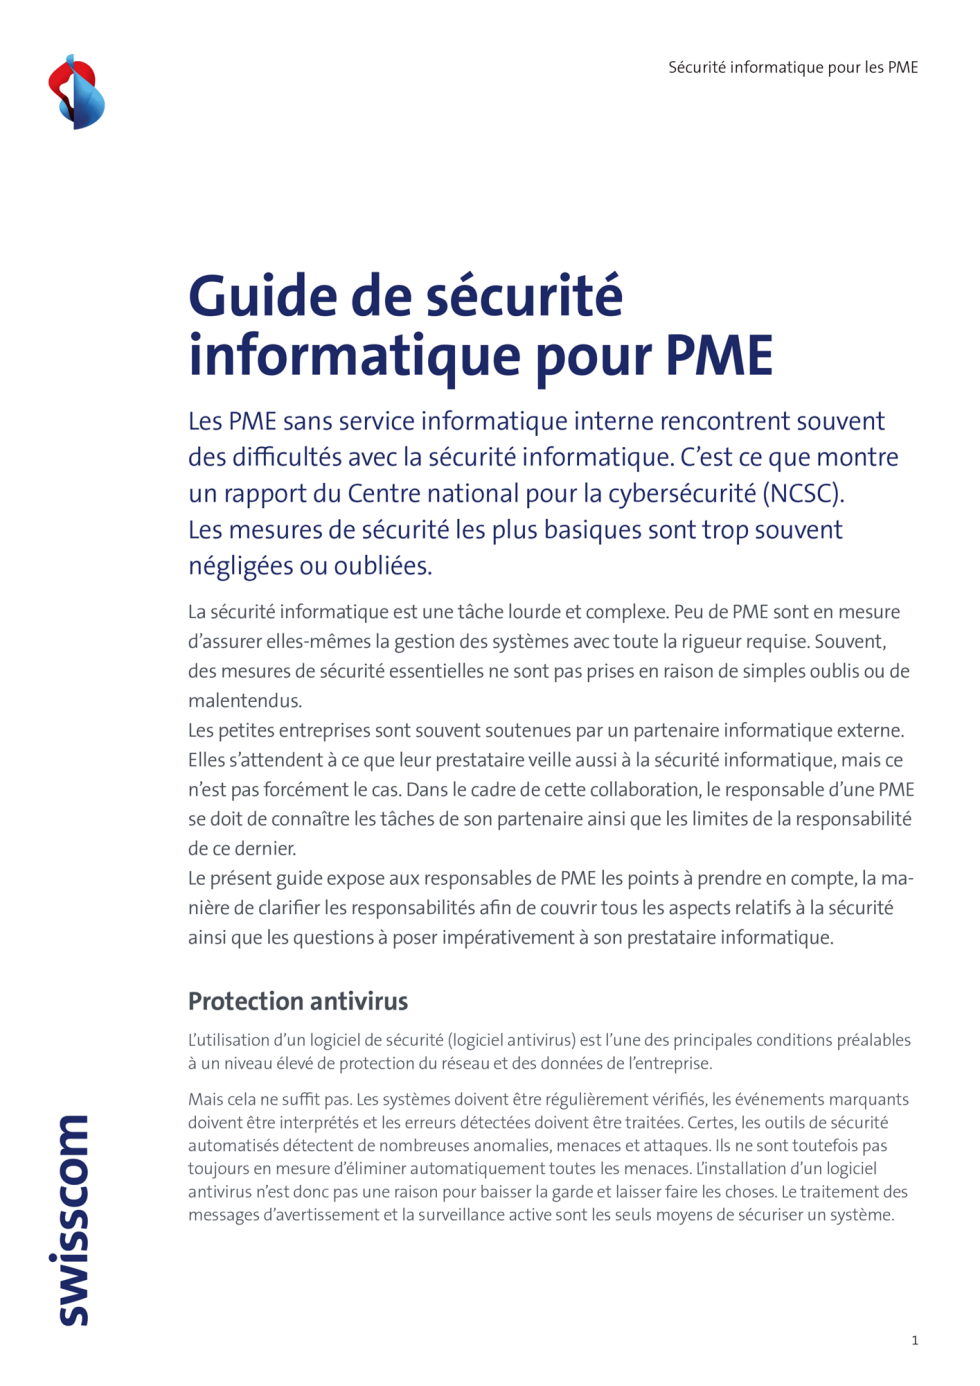 B2C-Swisscom-Guide-Securite-Informatique-PME-2020-FRA-v3.indd